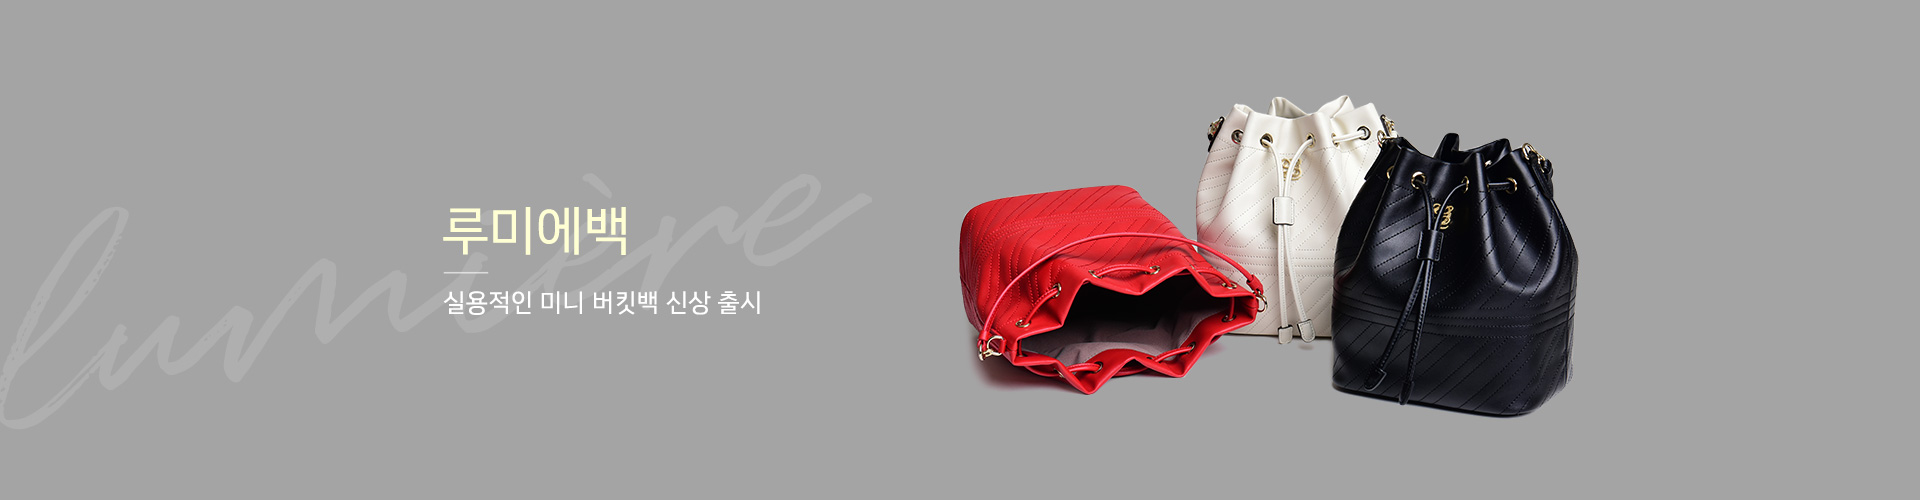 [배너] 루미에백